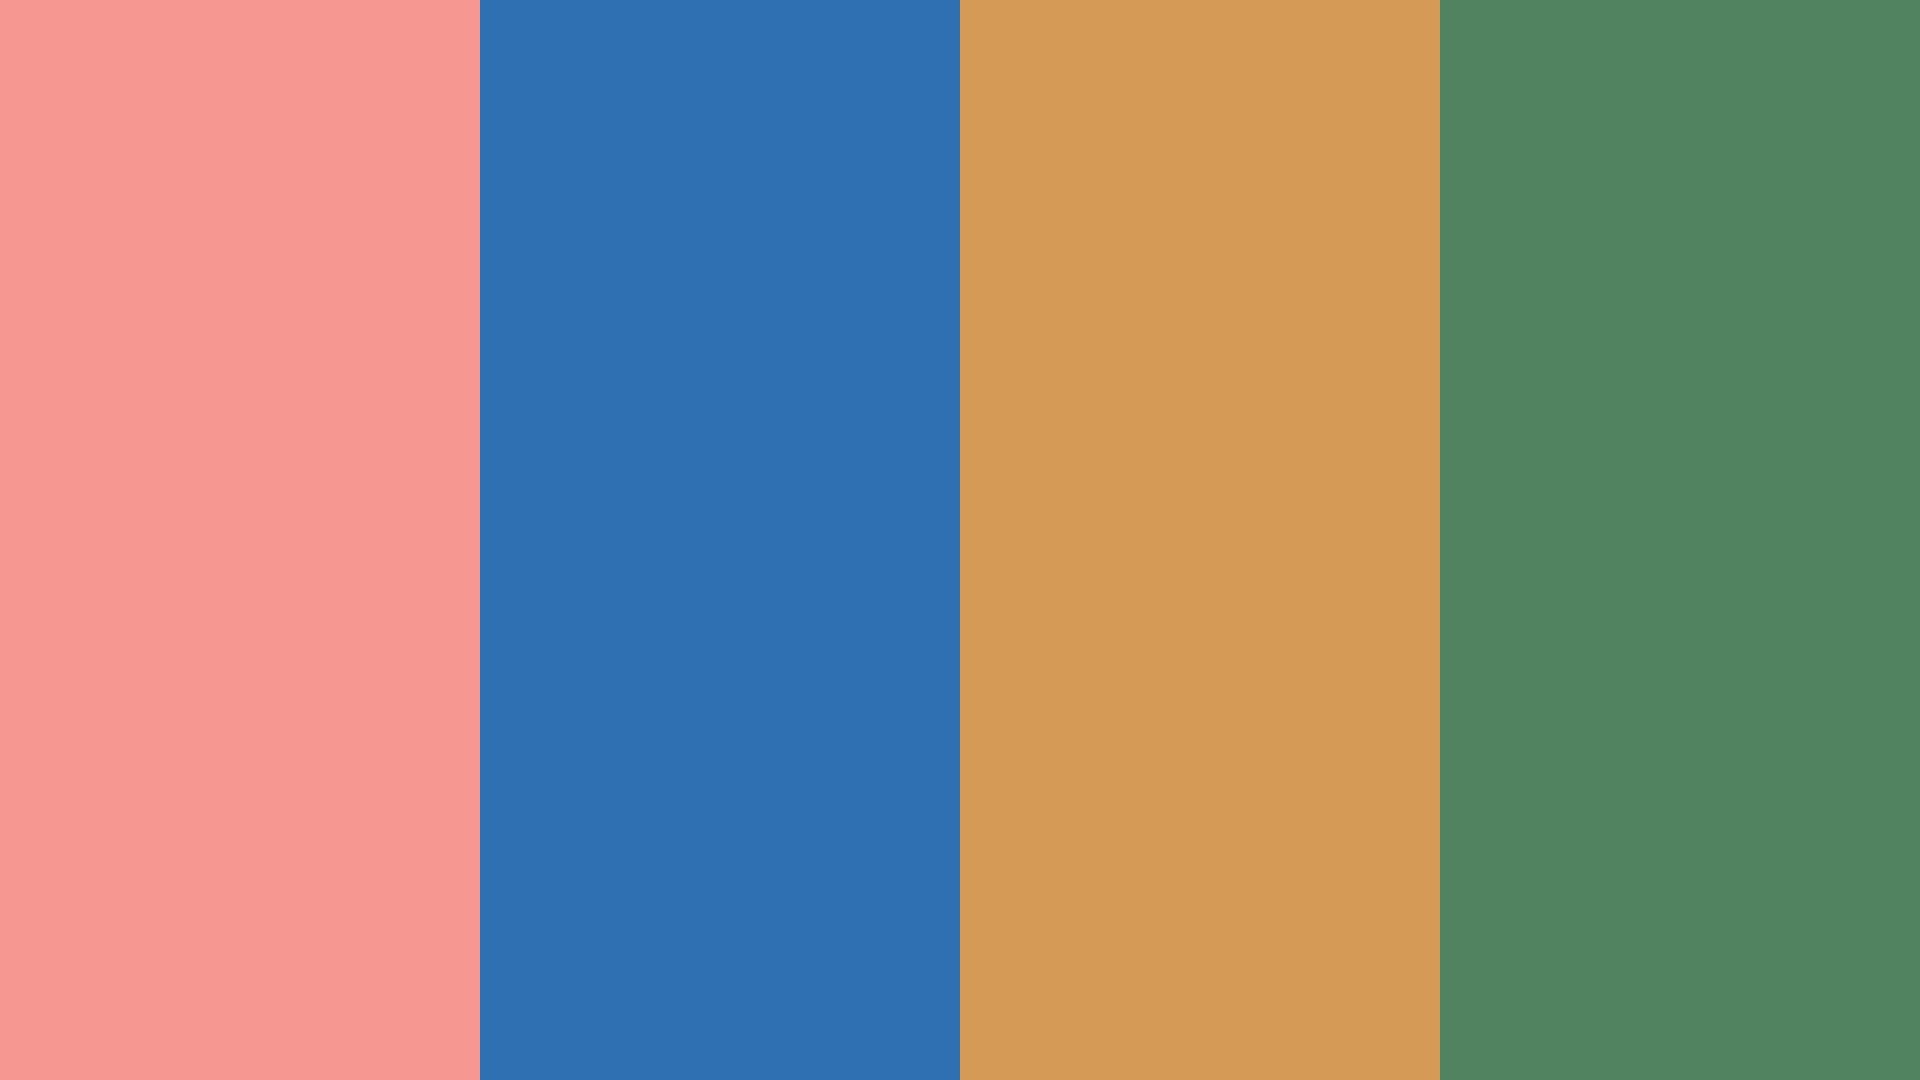 Less Is More Color Scheme Blue Schemecolorcom